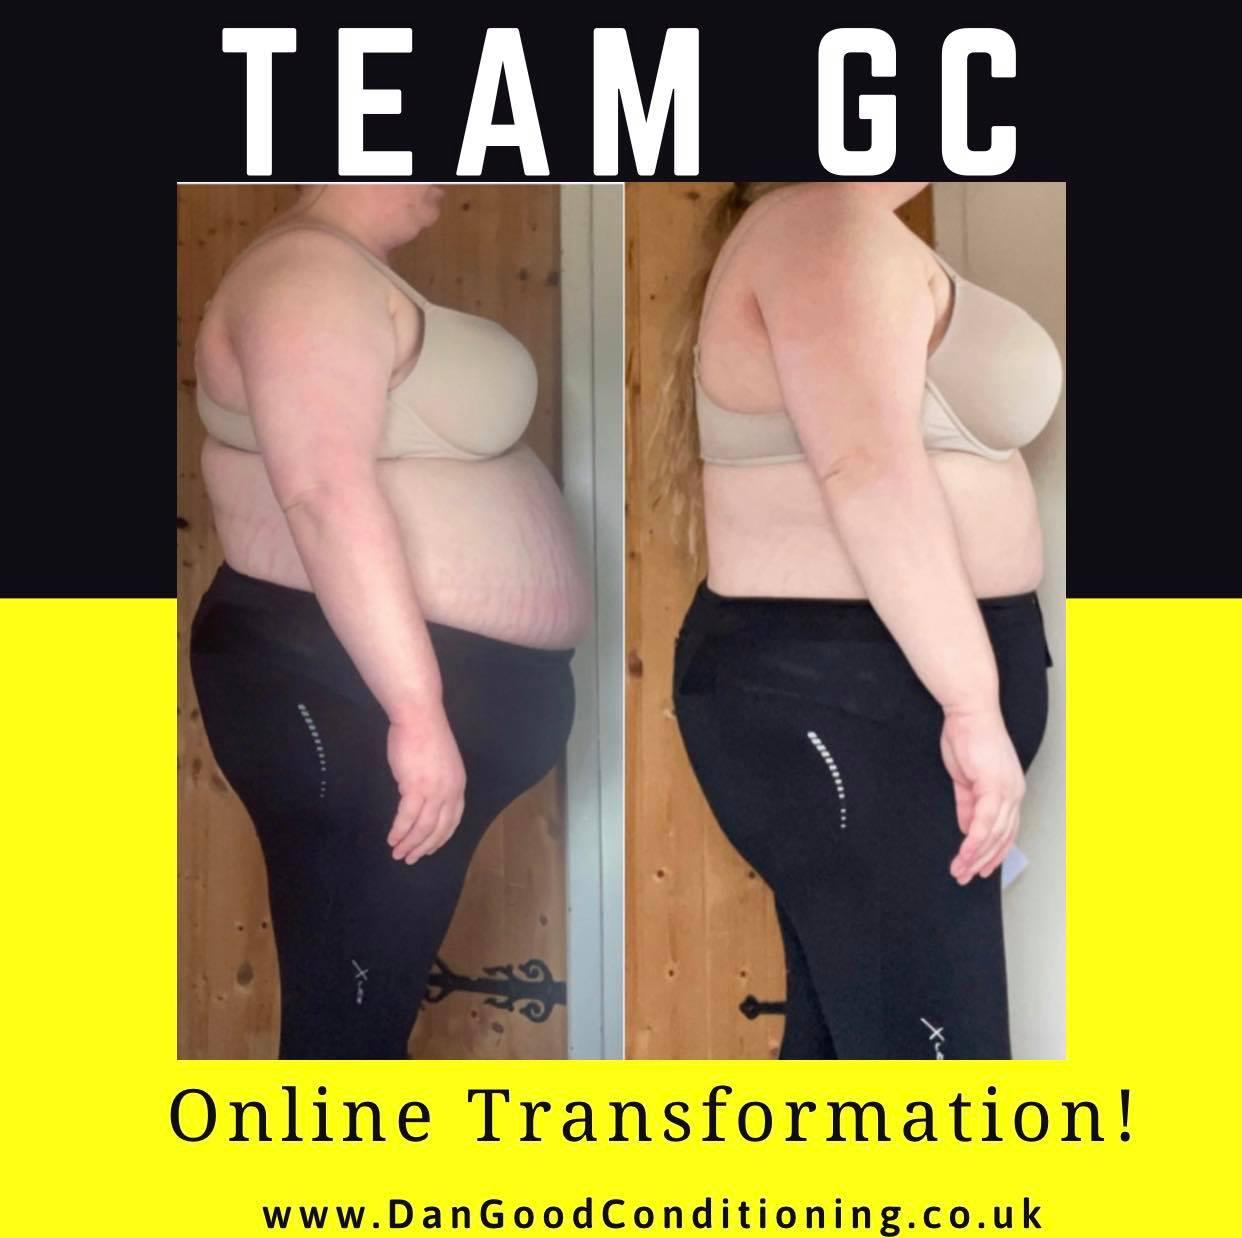 Chloe Mcallister - Team GC Member